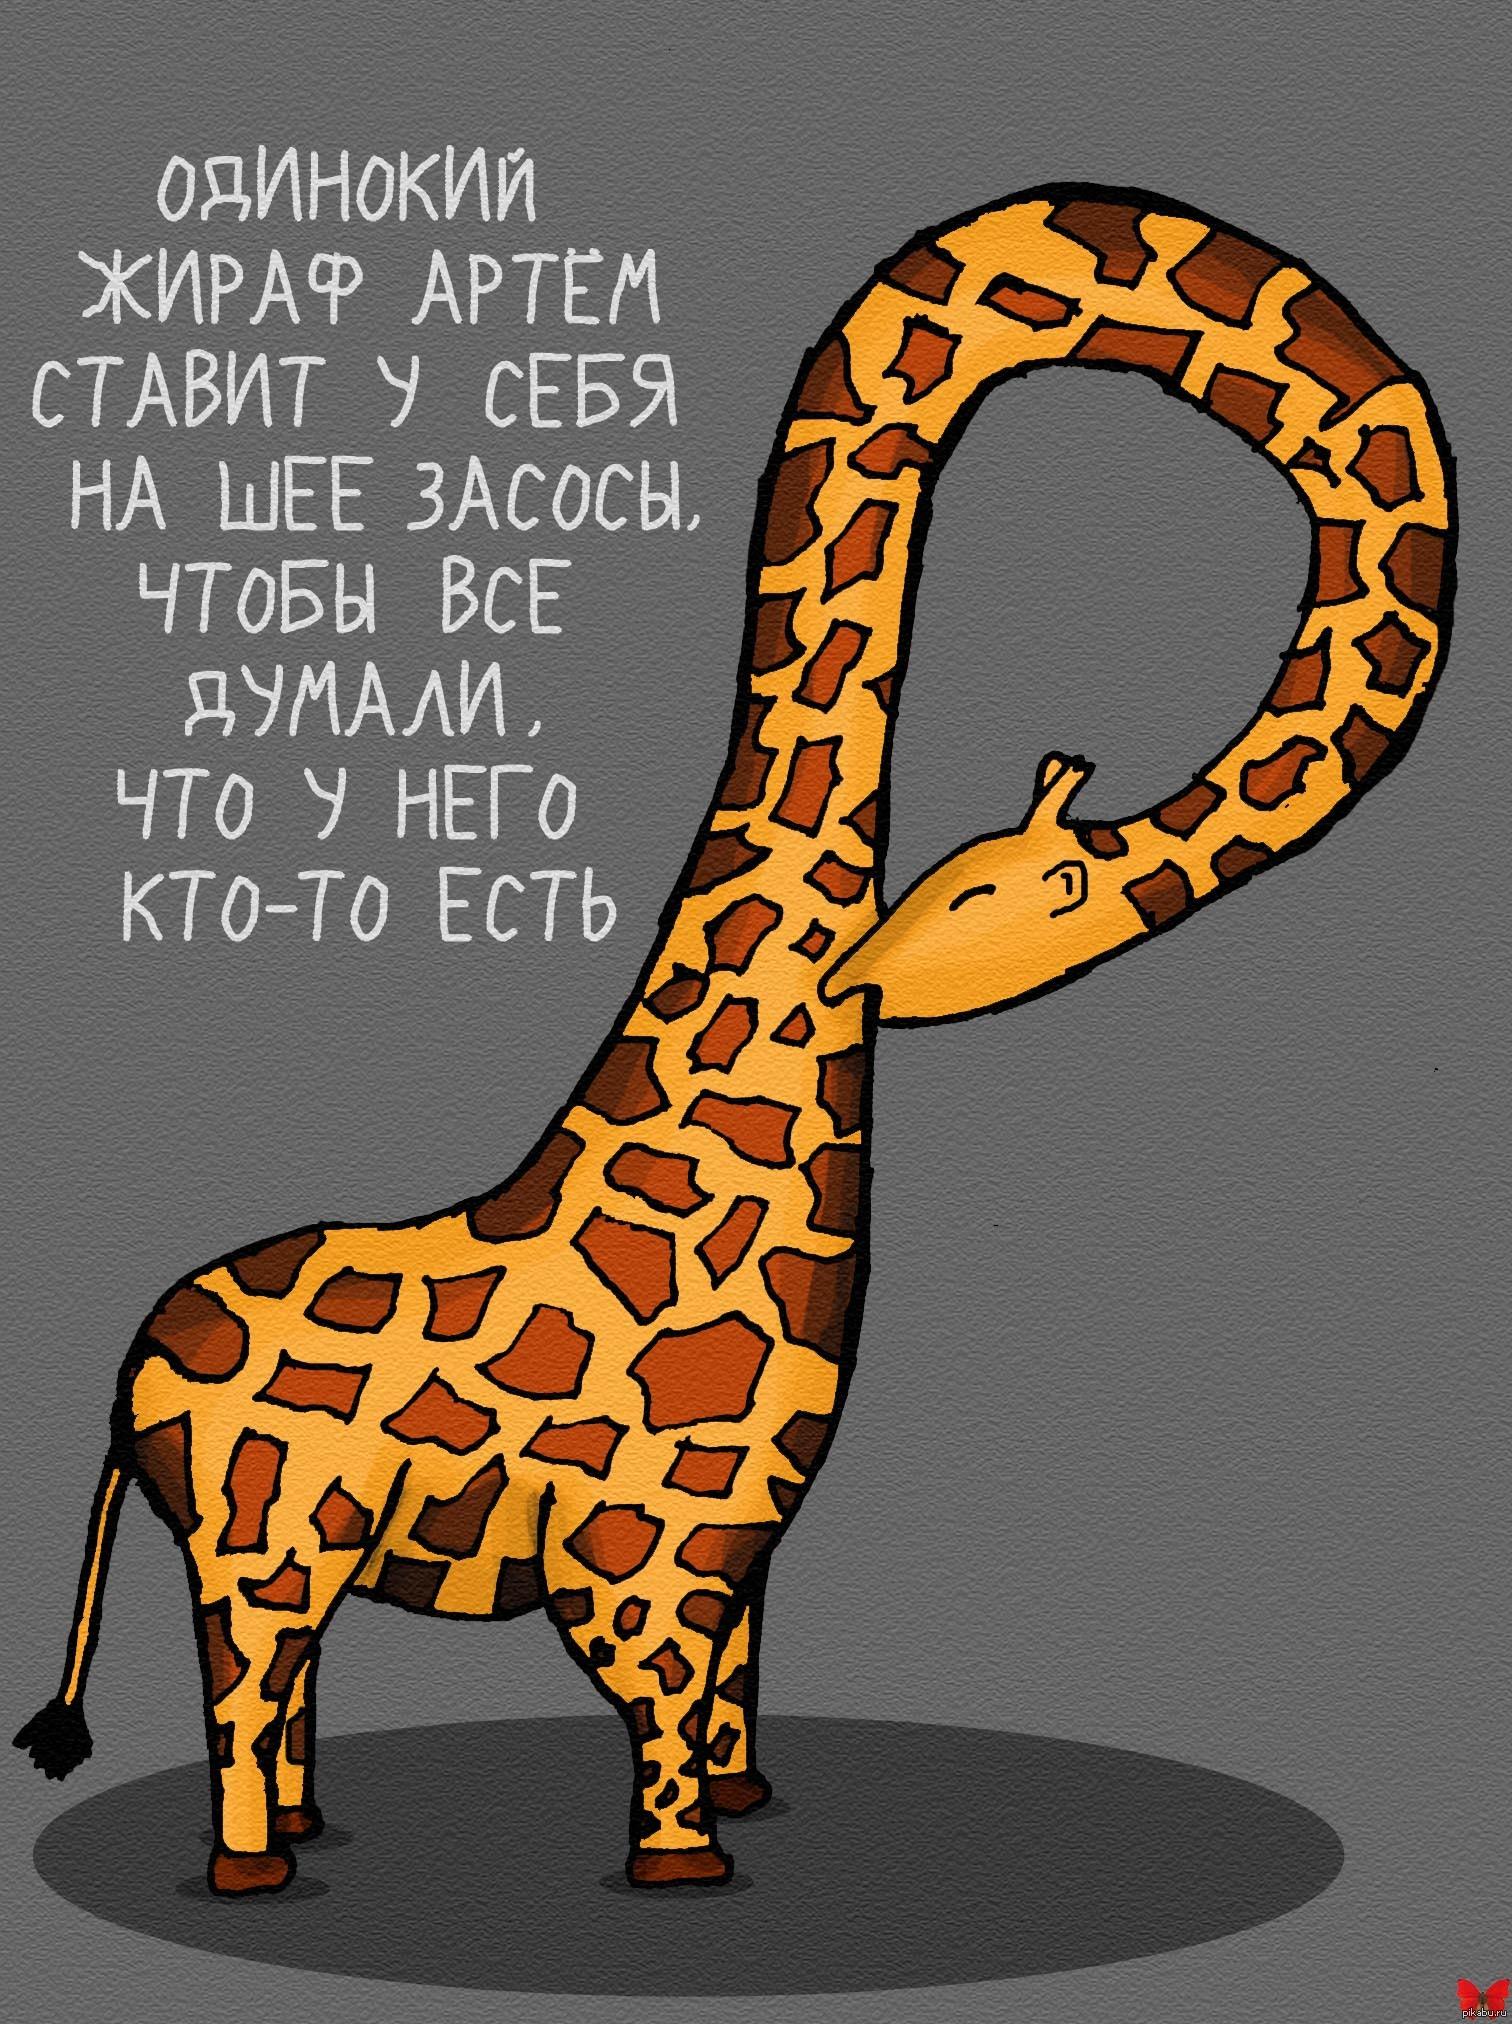 Интернет магазина, картинка с жирафом и надписью